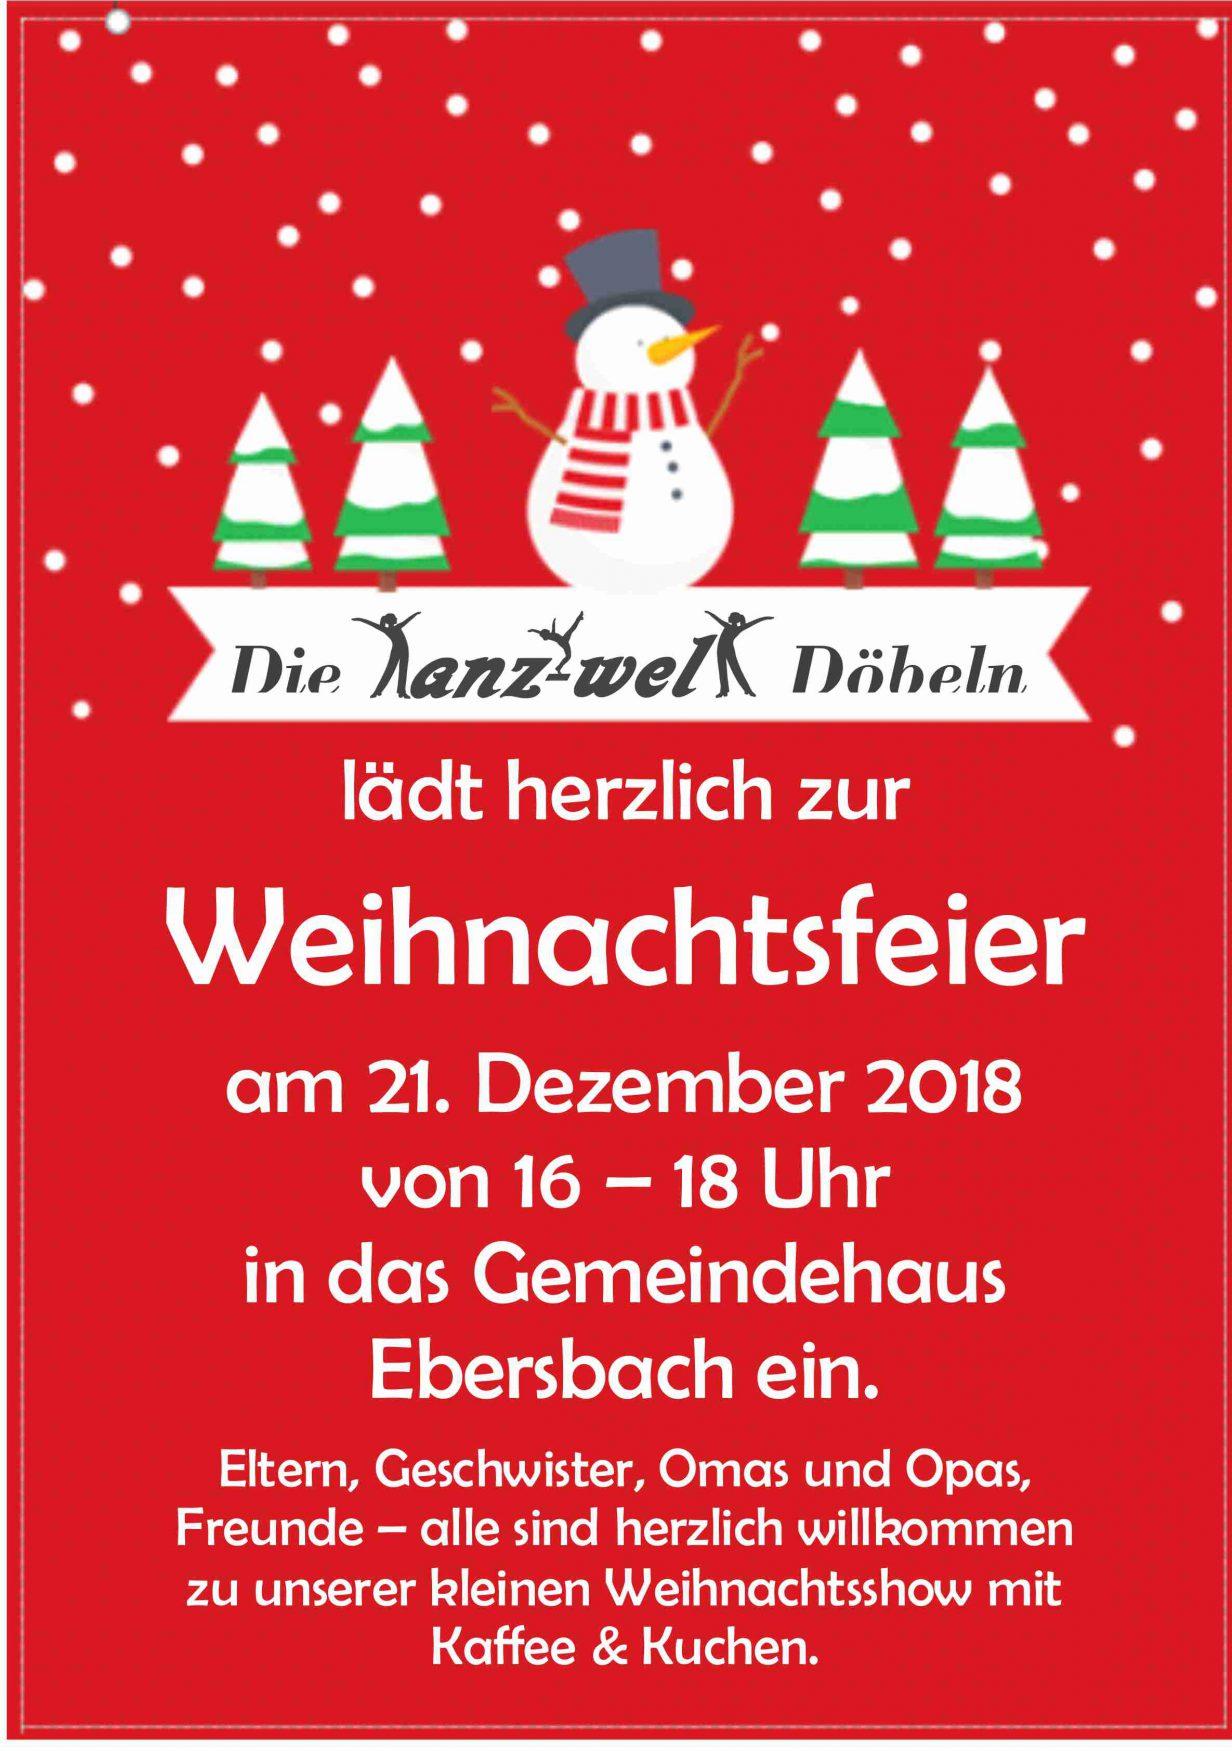 Einladung Zur Weihnachtsfeier.Einladung Zur Weihnachtsfeier 2018 Tanzwelt Dobeln